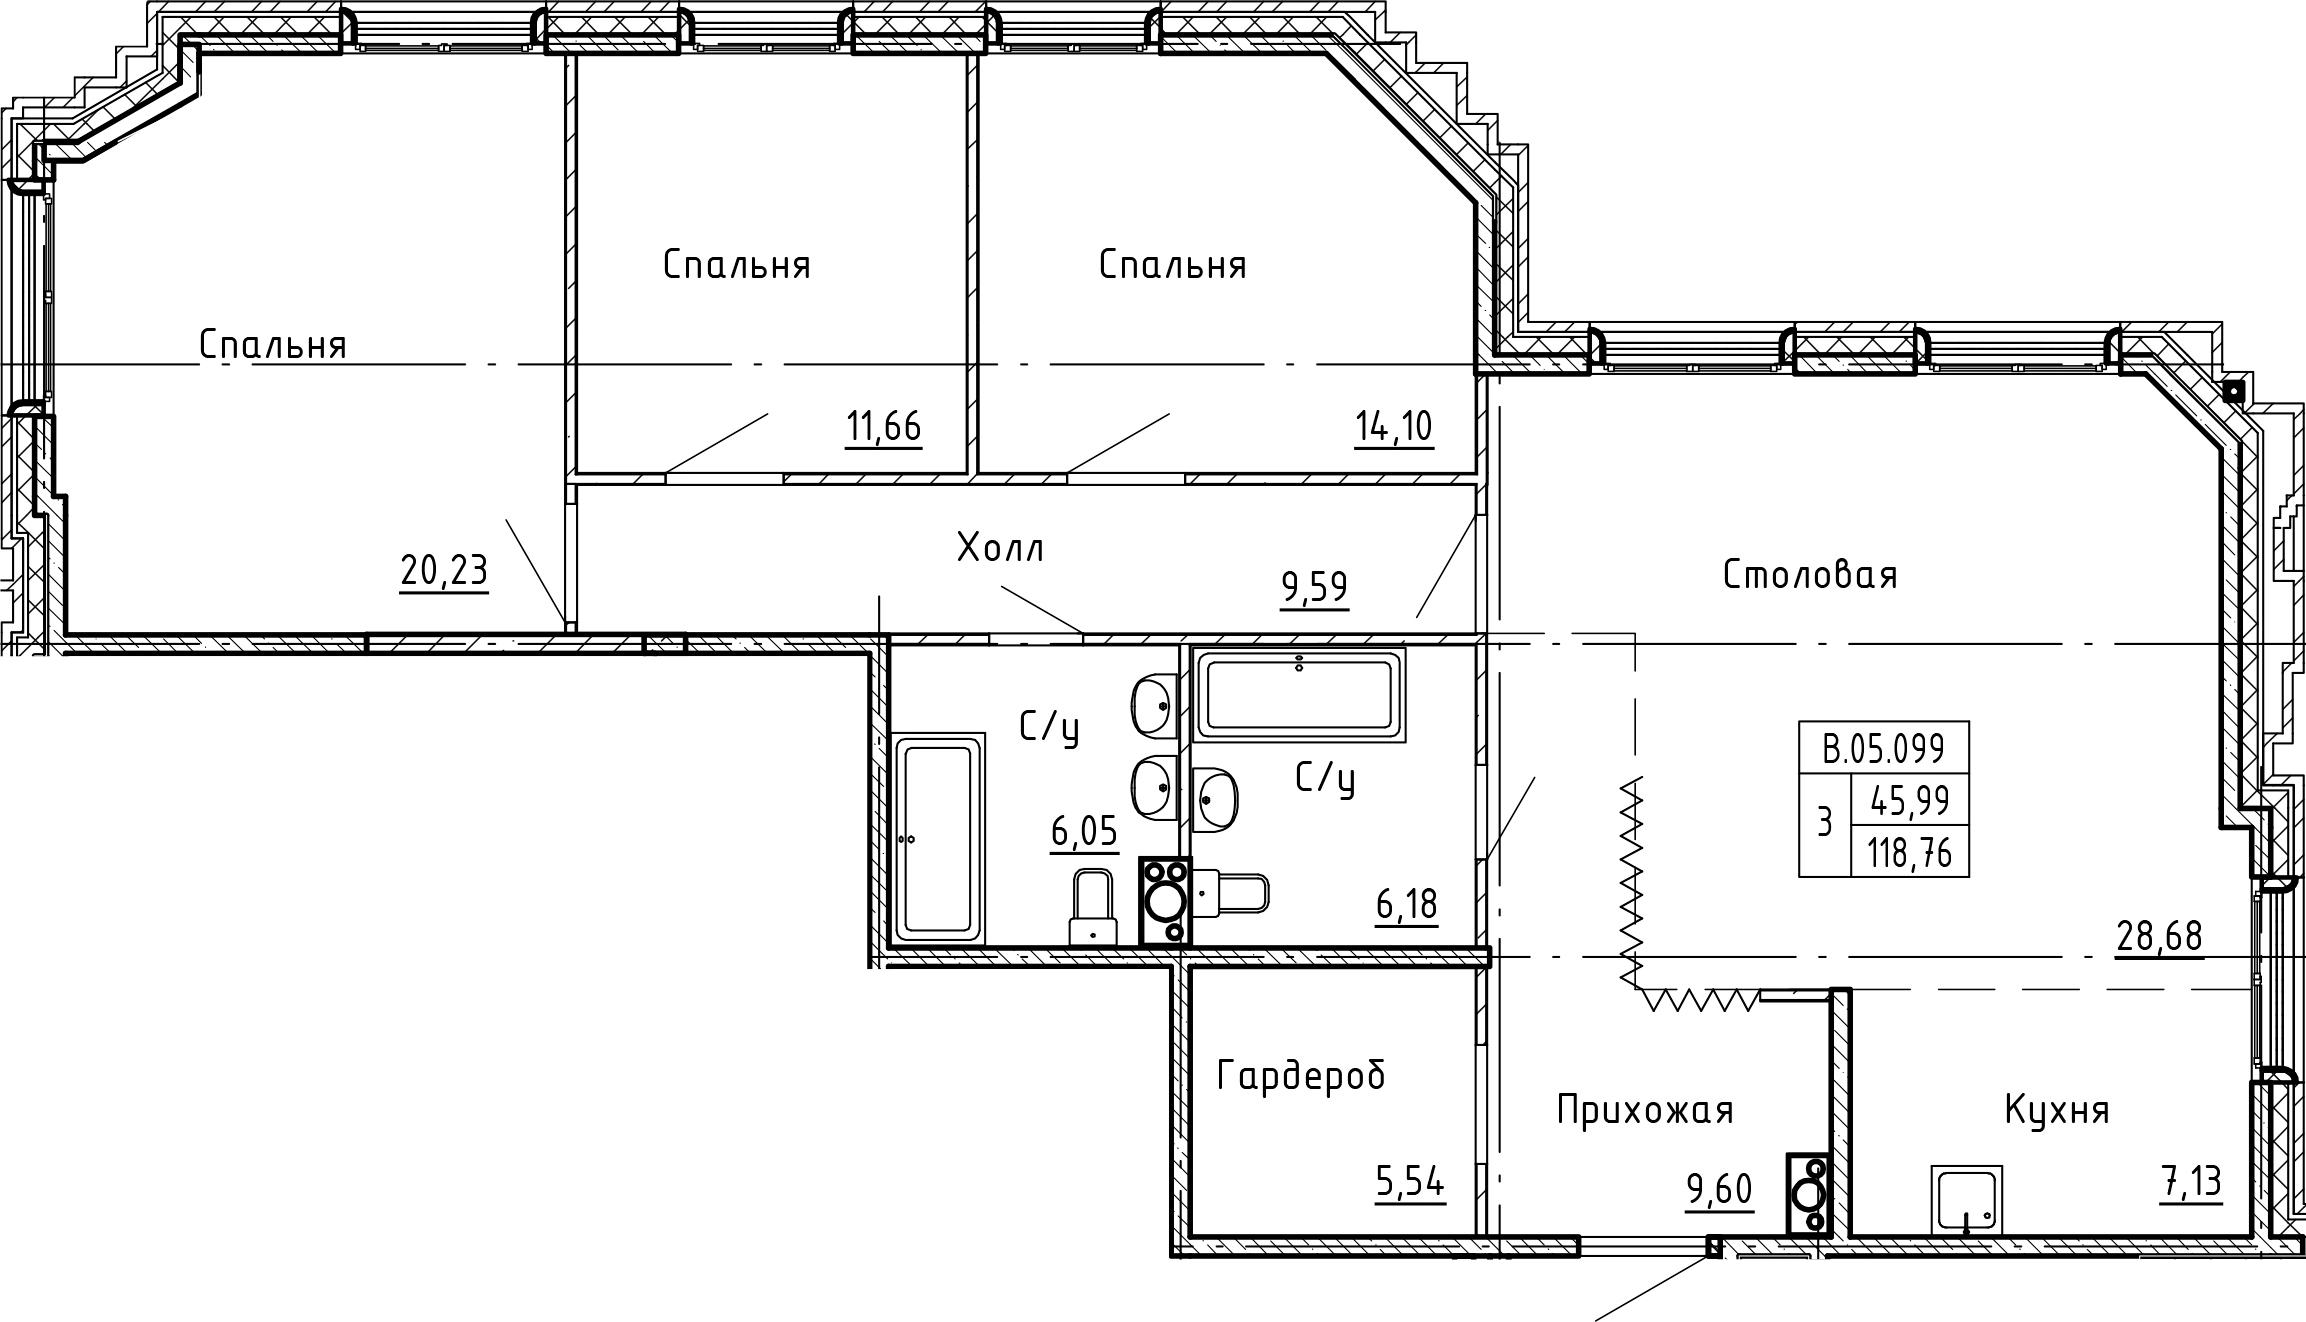 4Е-комнатная, 118.76 м²– 2